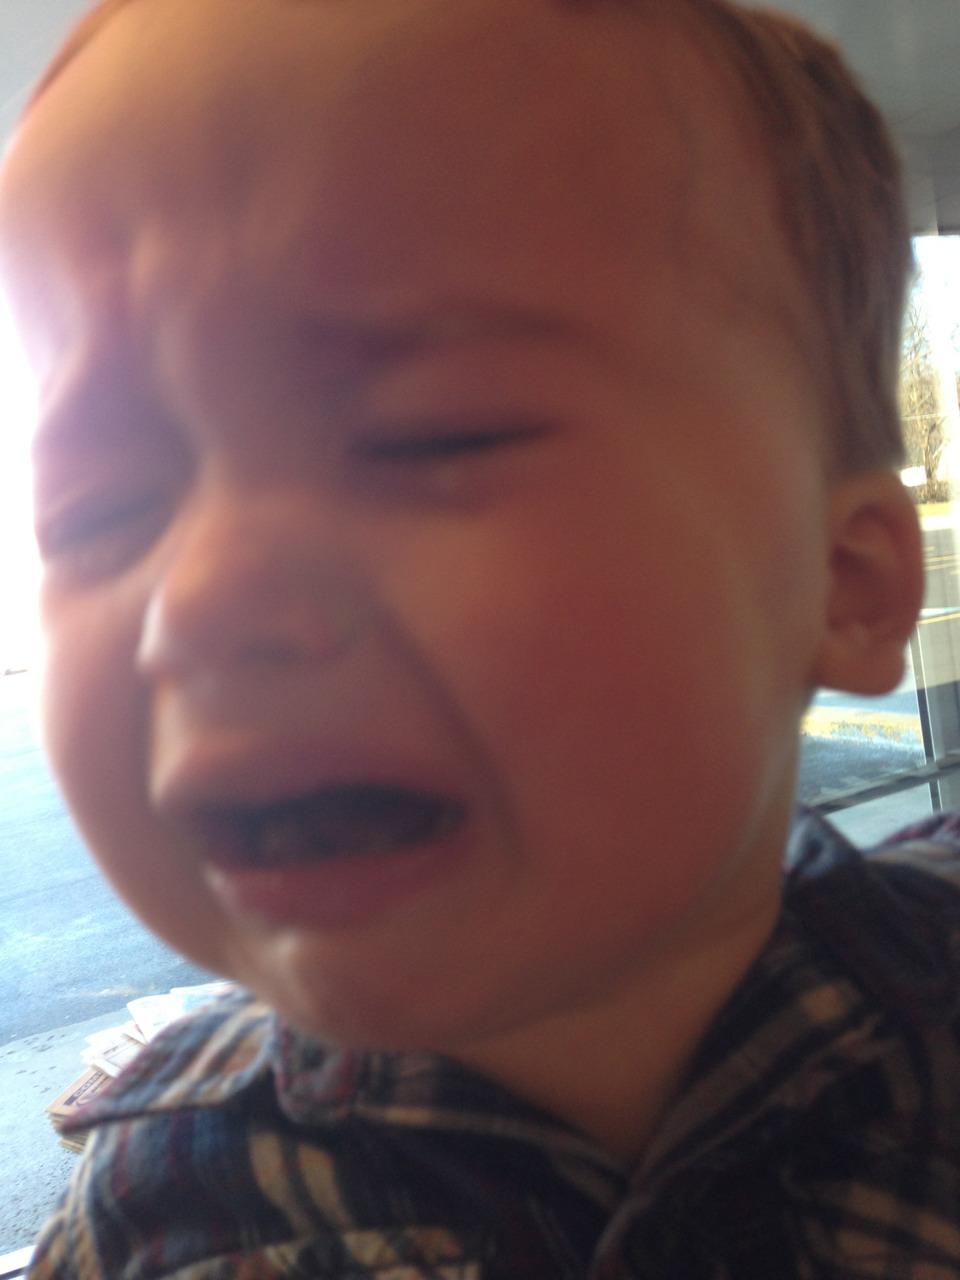 видео поздравление фотографии окея который он плачет думаете, что раздвижные